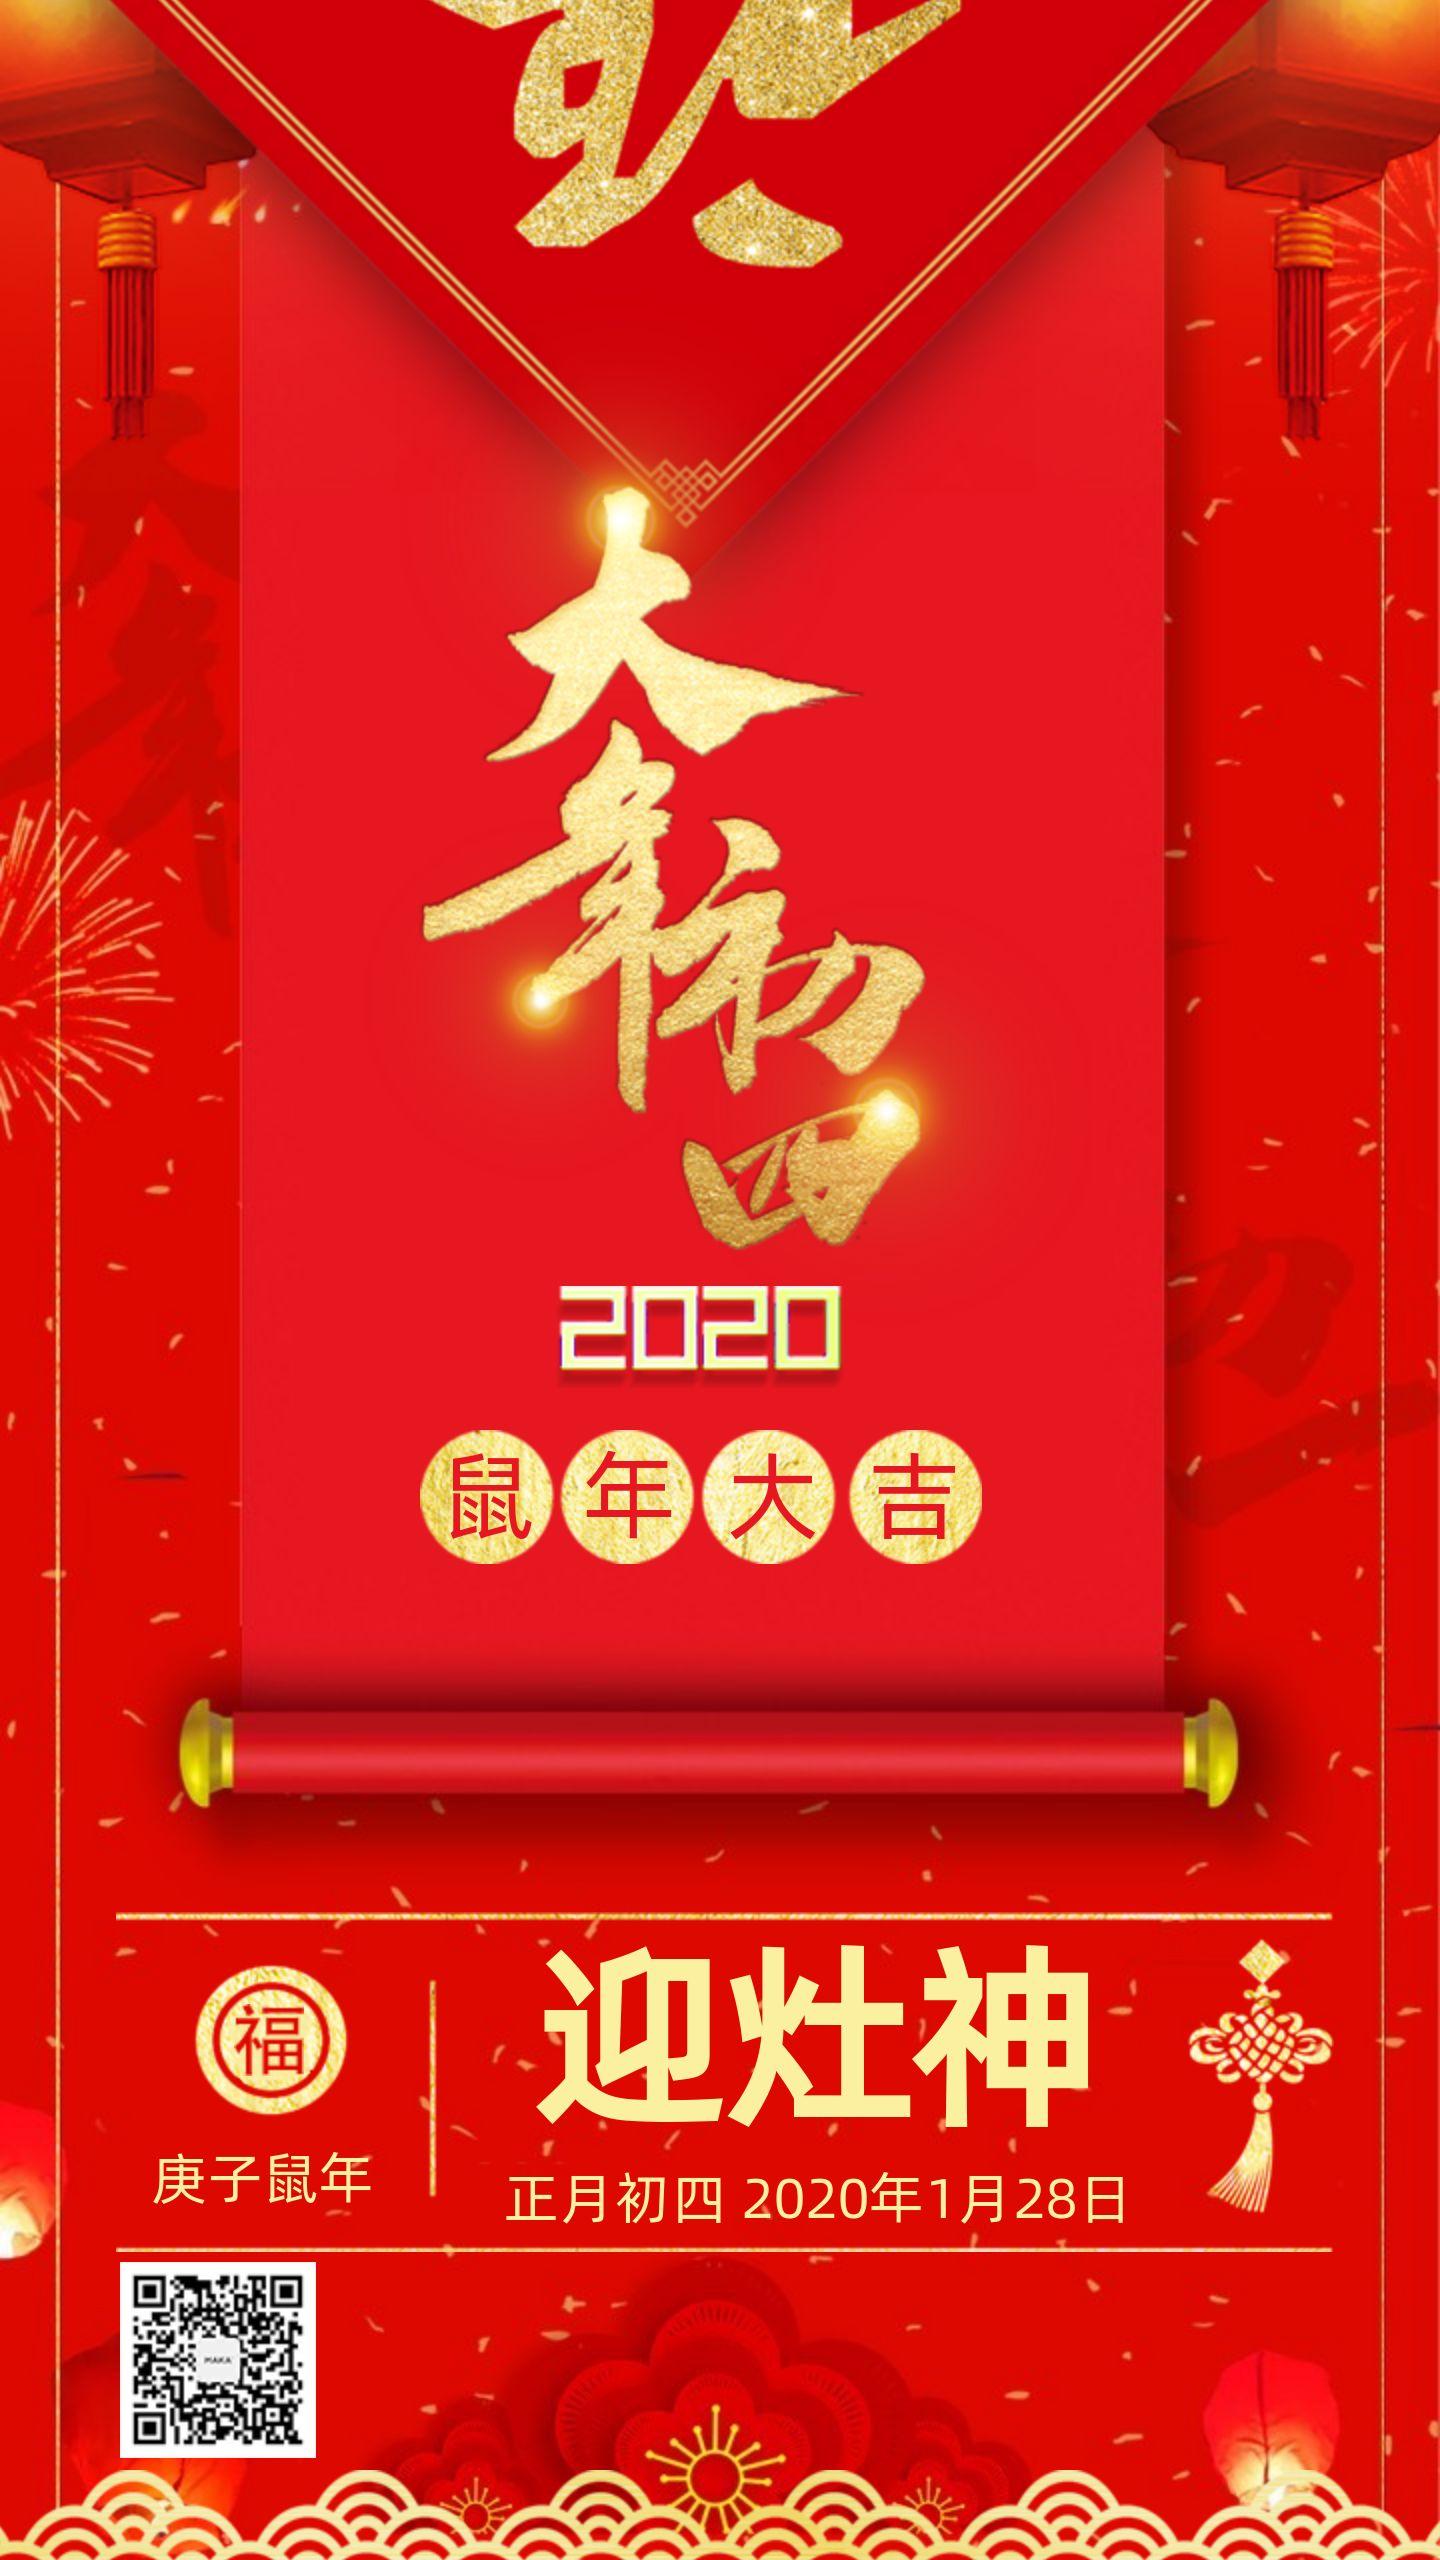 正月初四迎灶神中国风2020鼠年春节祝福大年初四拜年手机版新年日签习俗海报